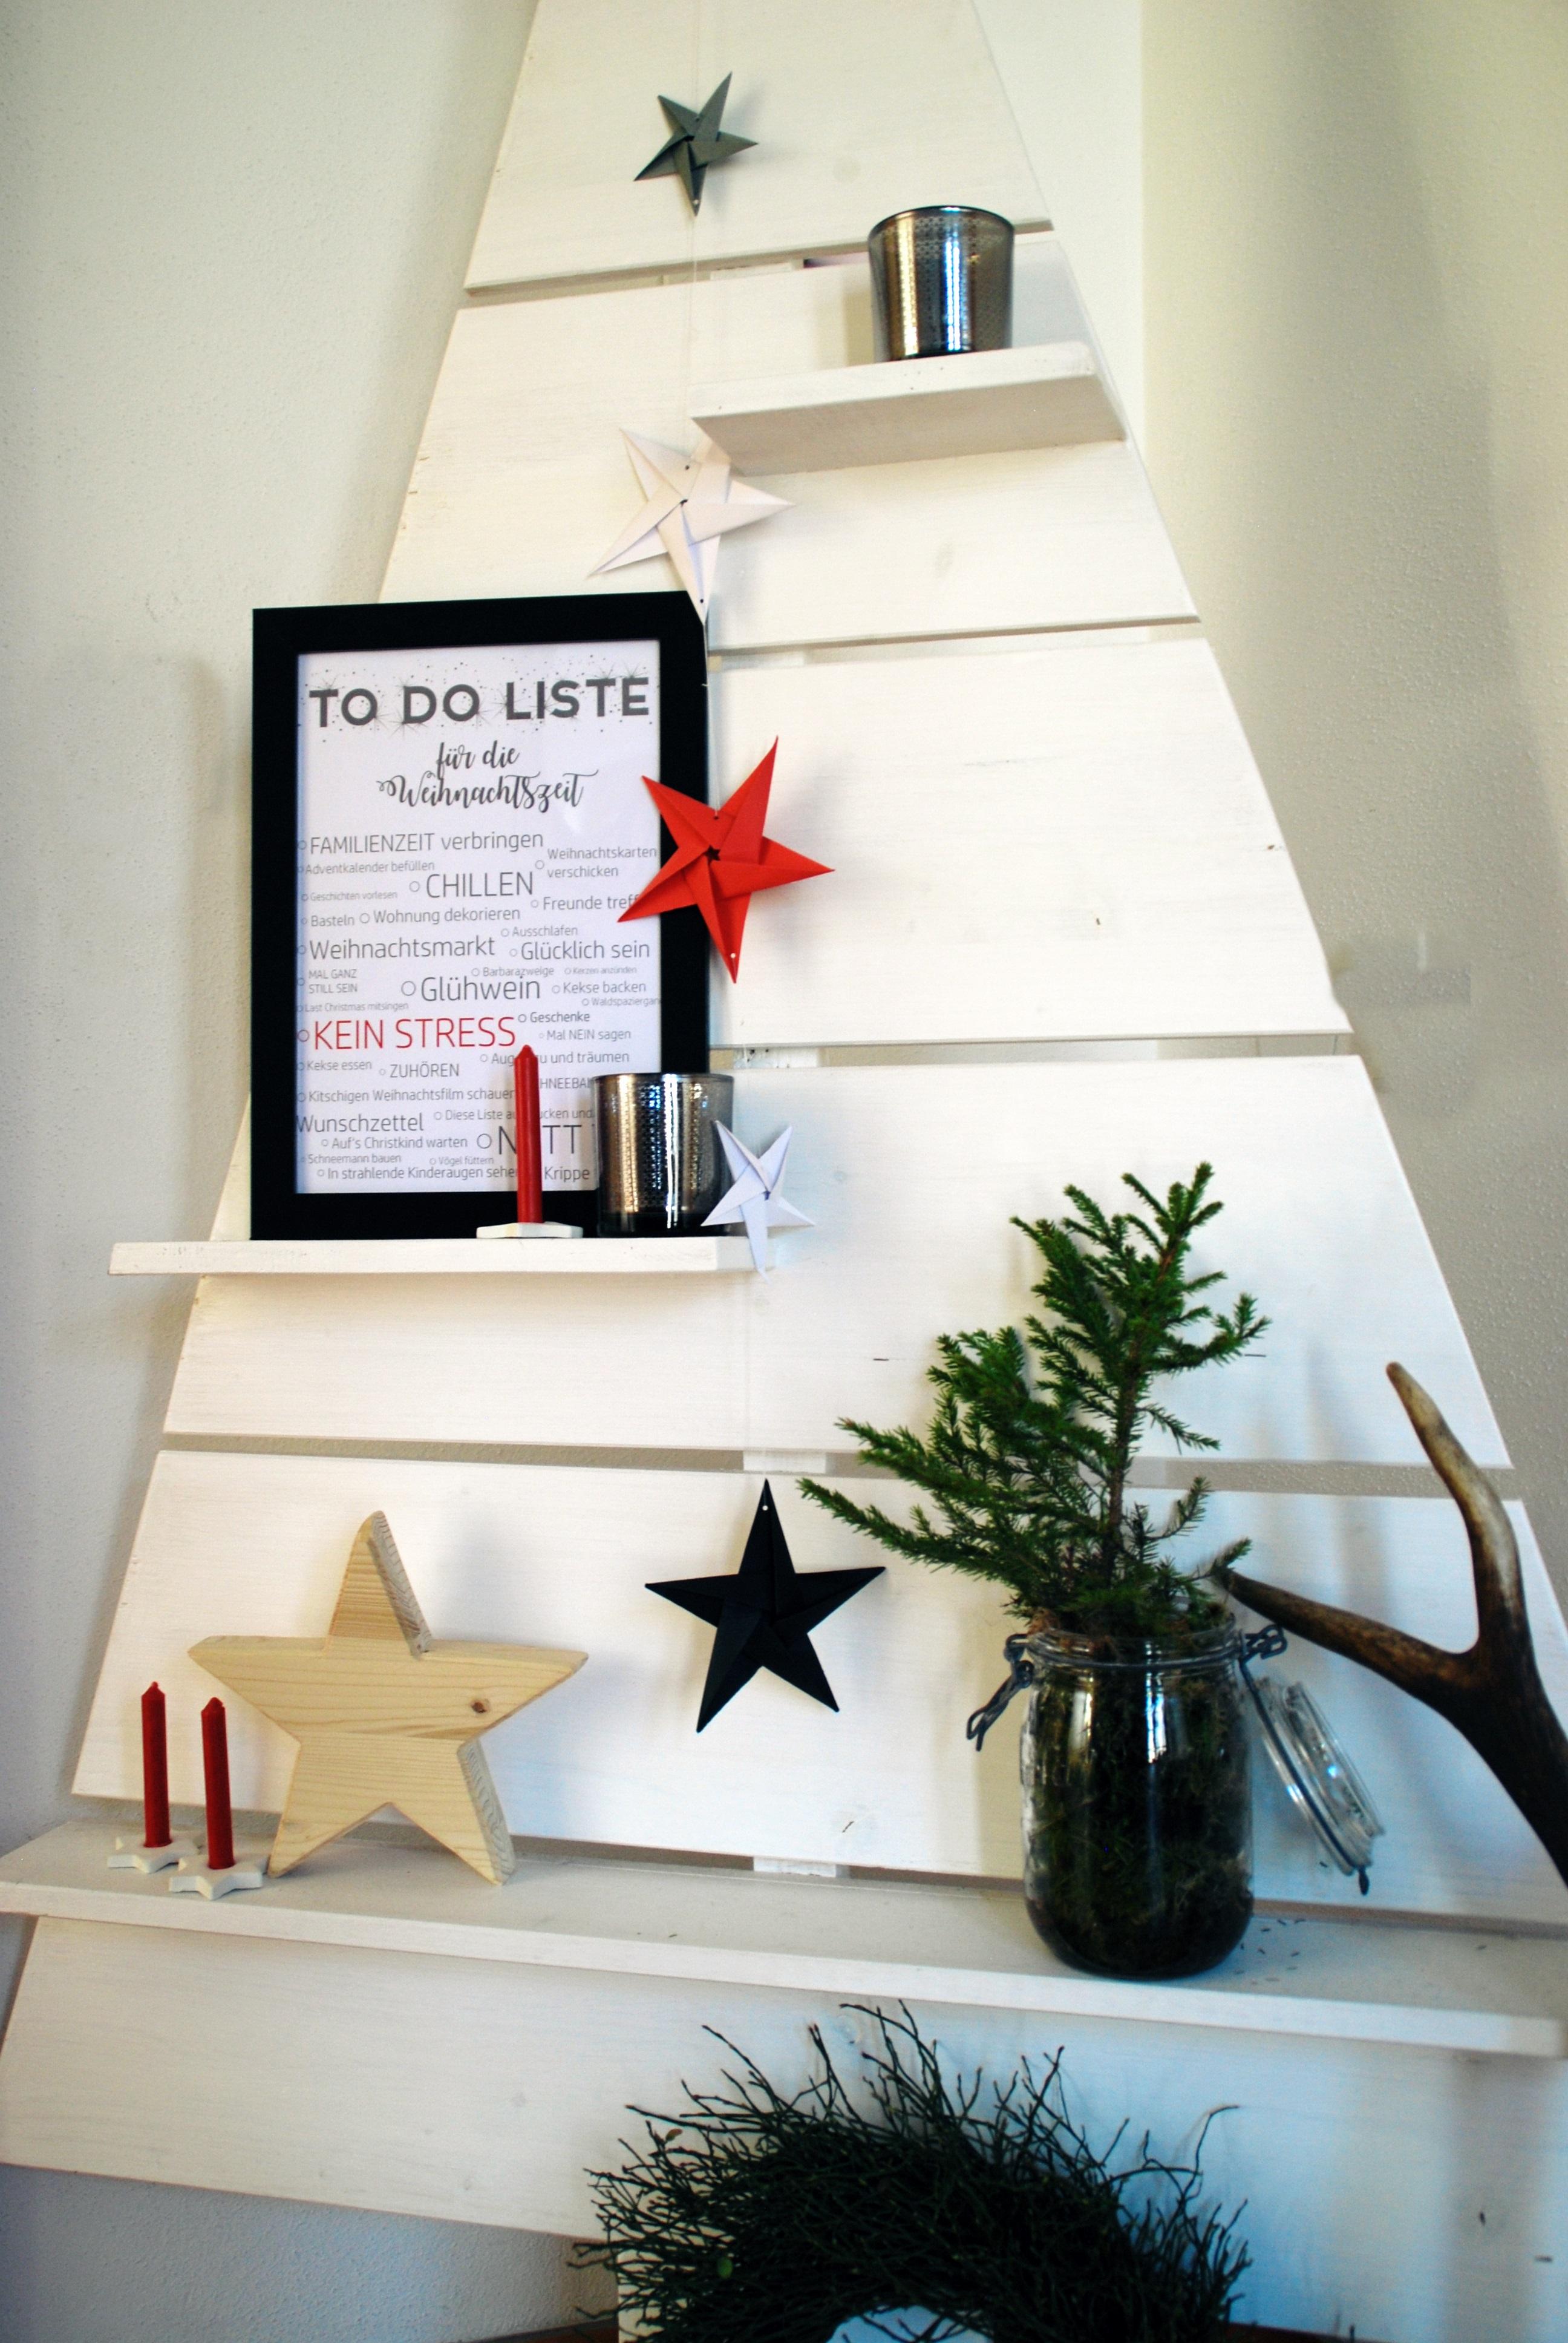 To-Do Liste Weihnachstszeit